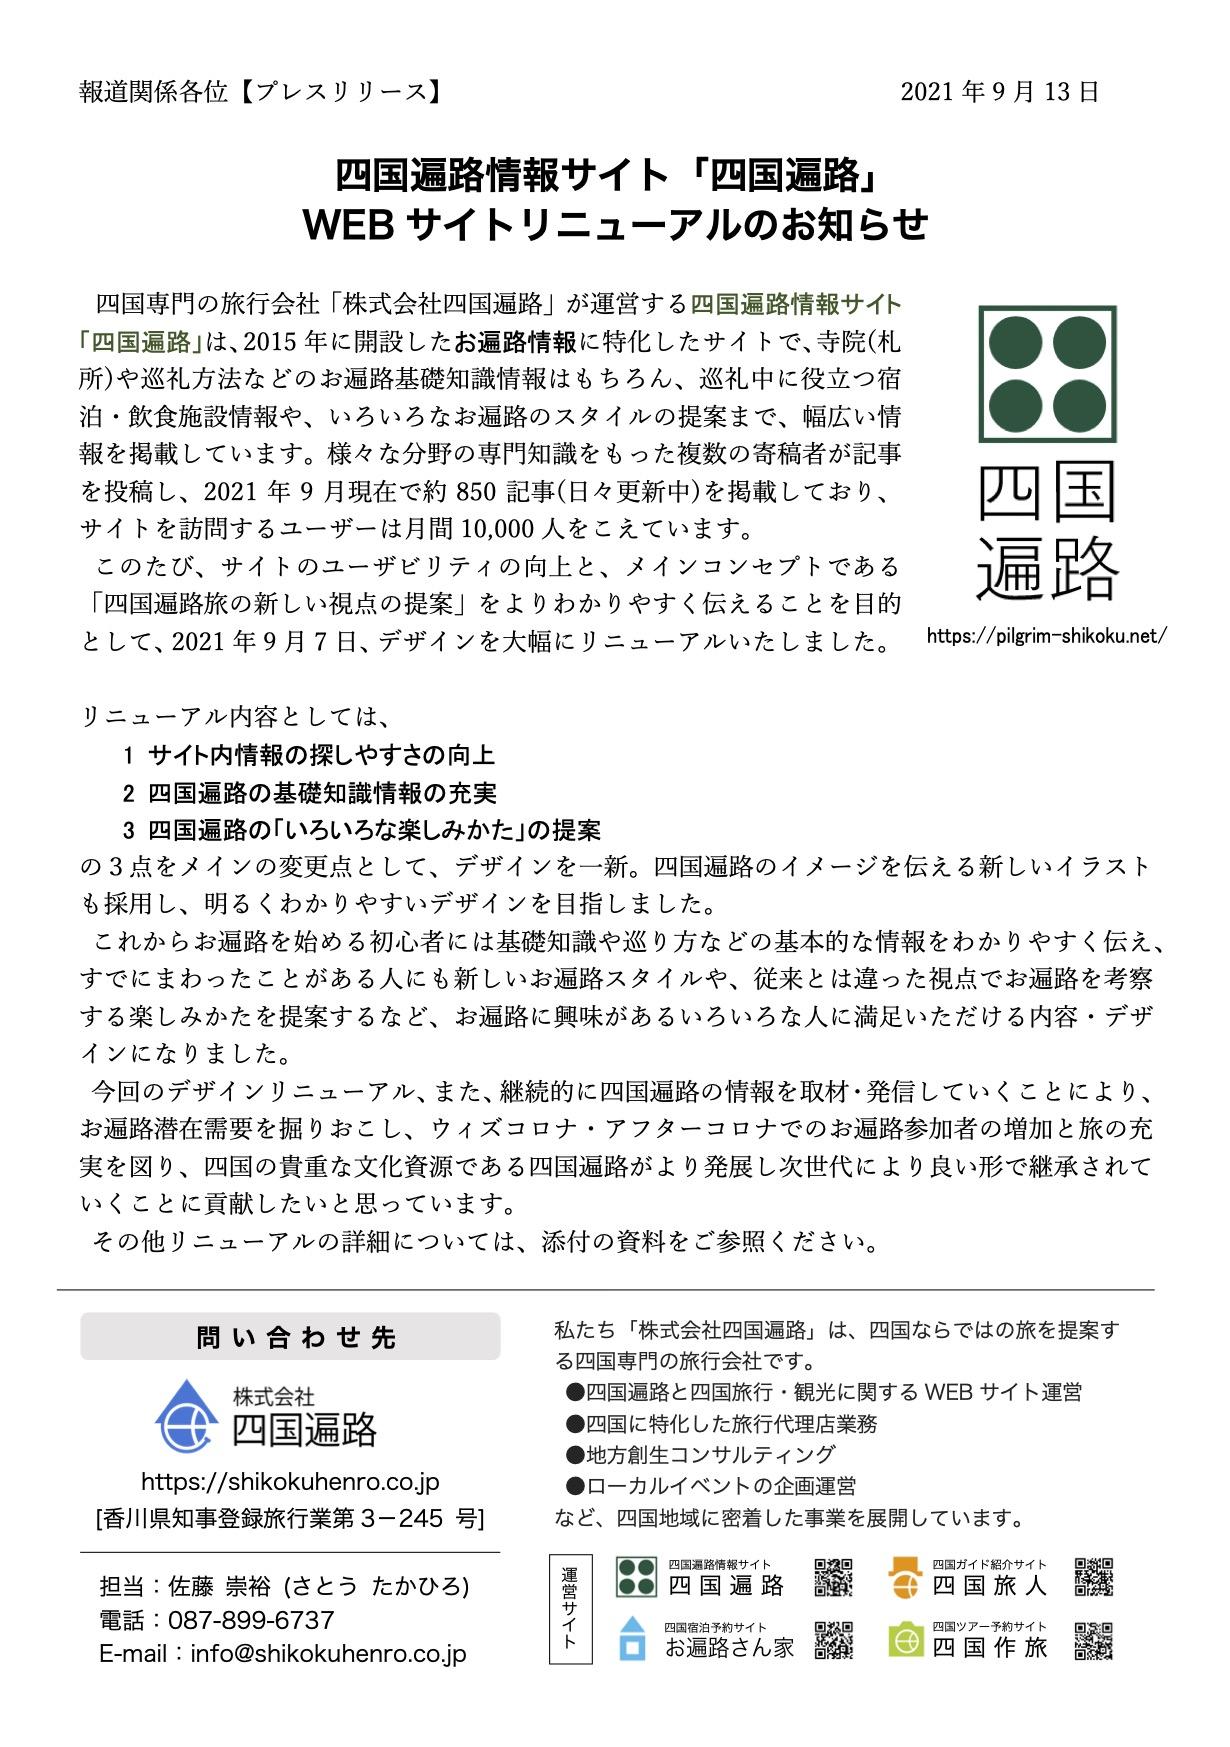 四国遍路情報サイト「四国遍路」デザインリニューアル_プレスリリース